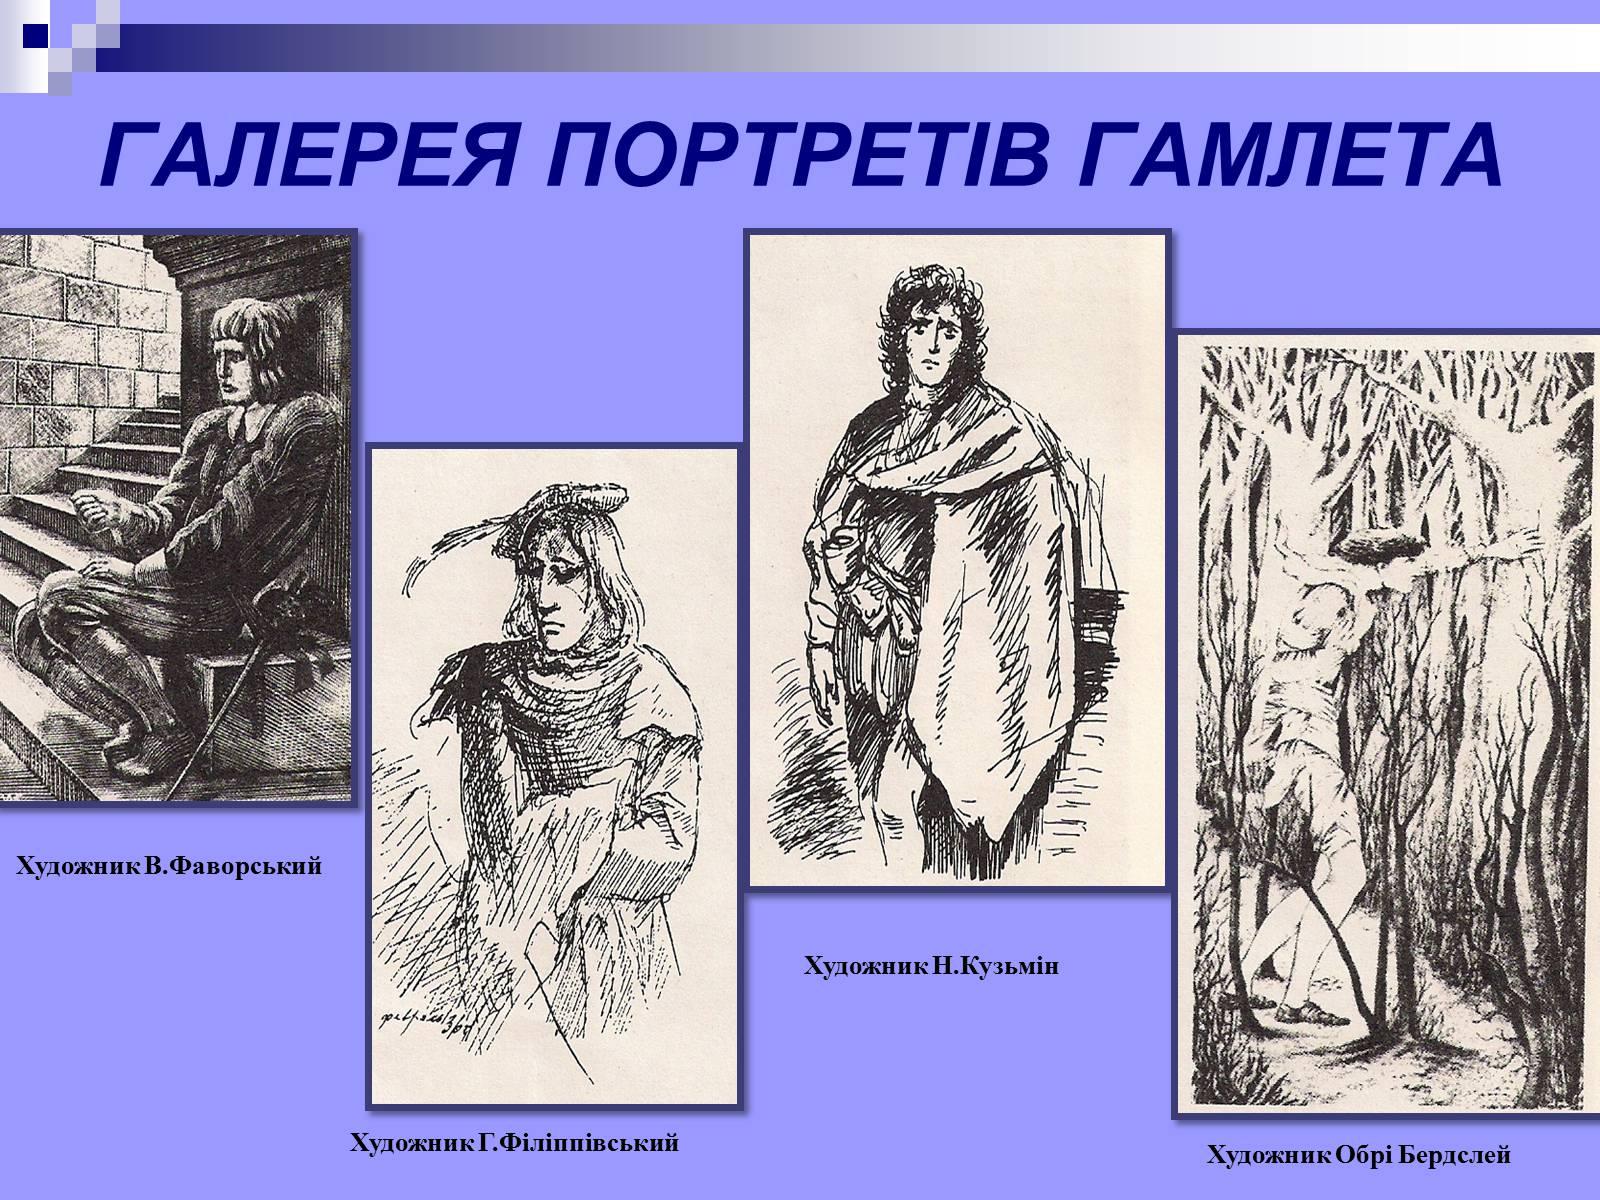 Главные герои гамлета картинки